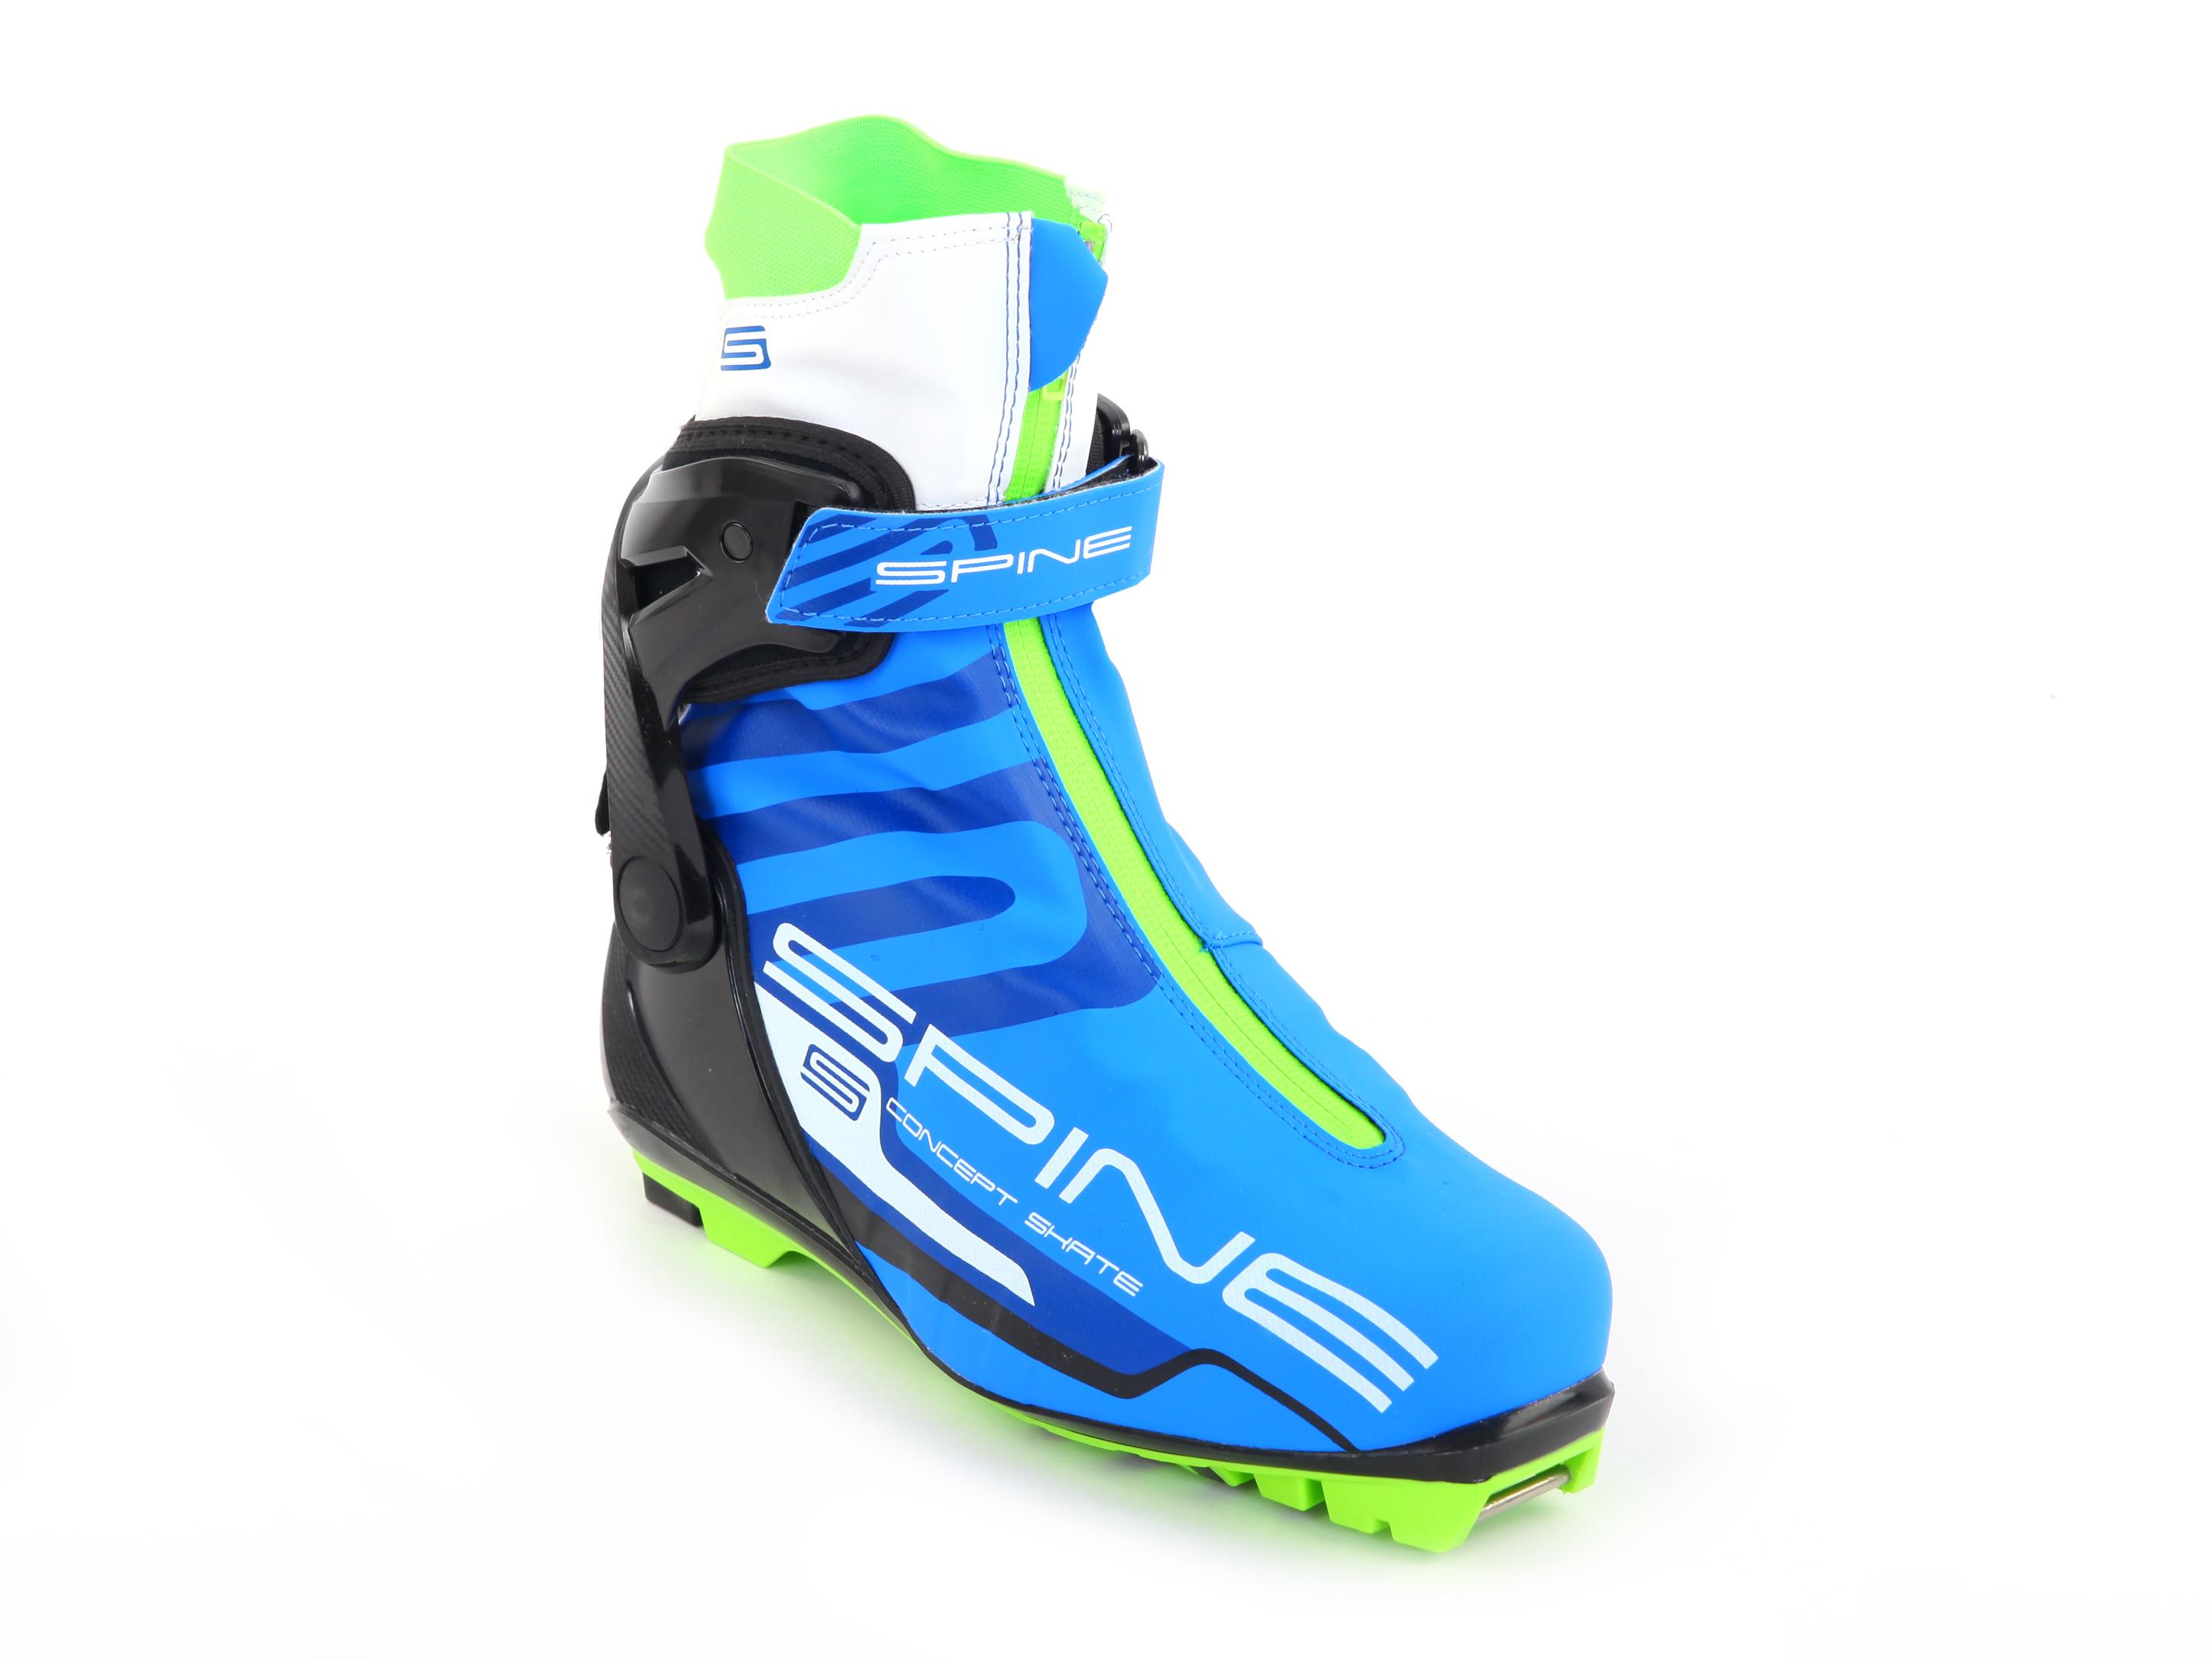 2171972b Ботинки лыжные Spine Concept Skate PRO 297 (NNN) - Сеть спортивных ...